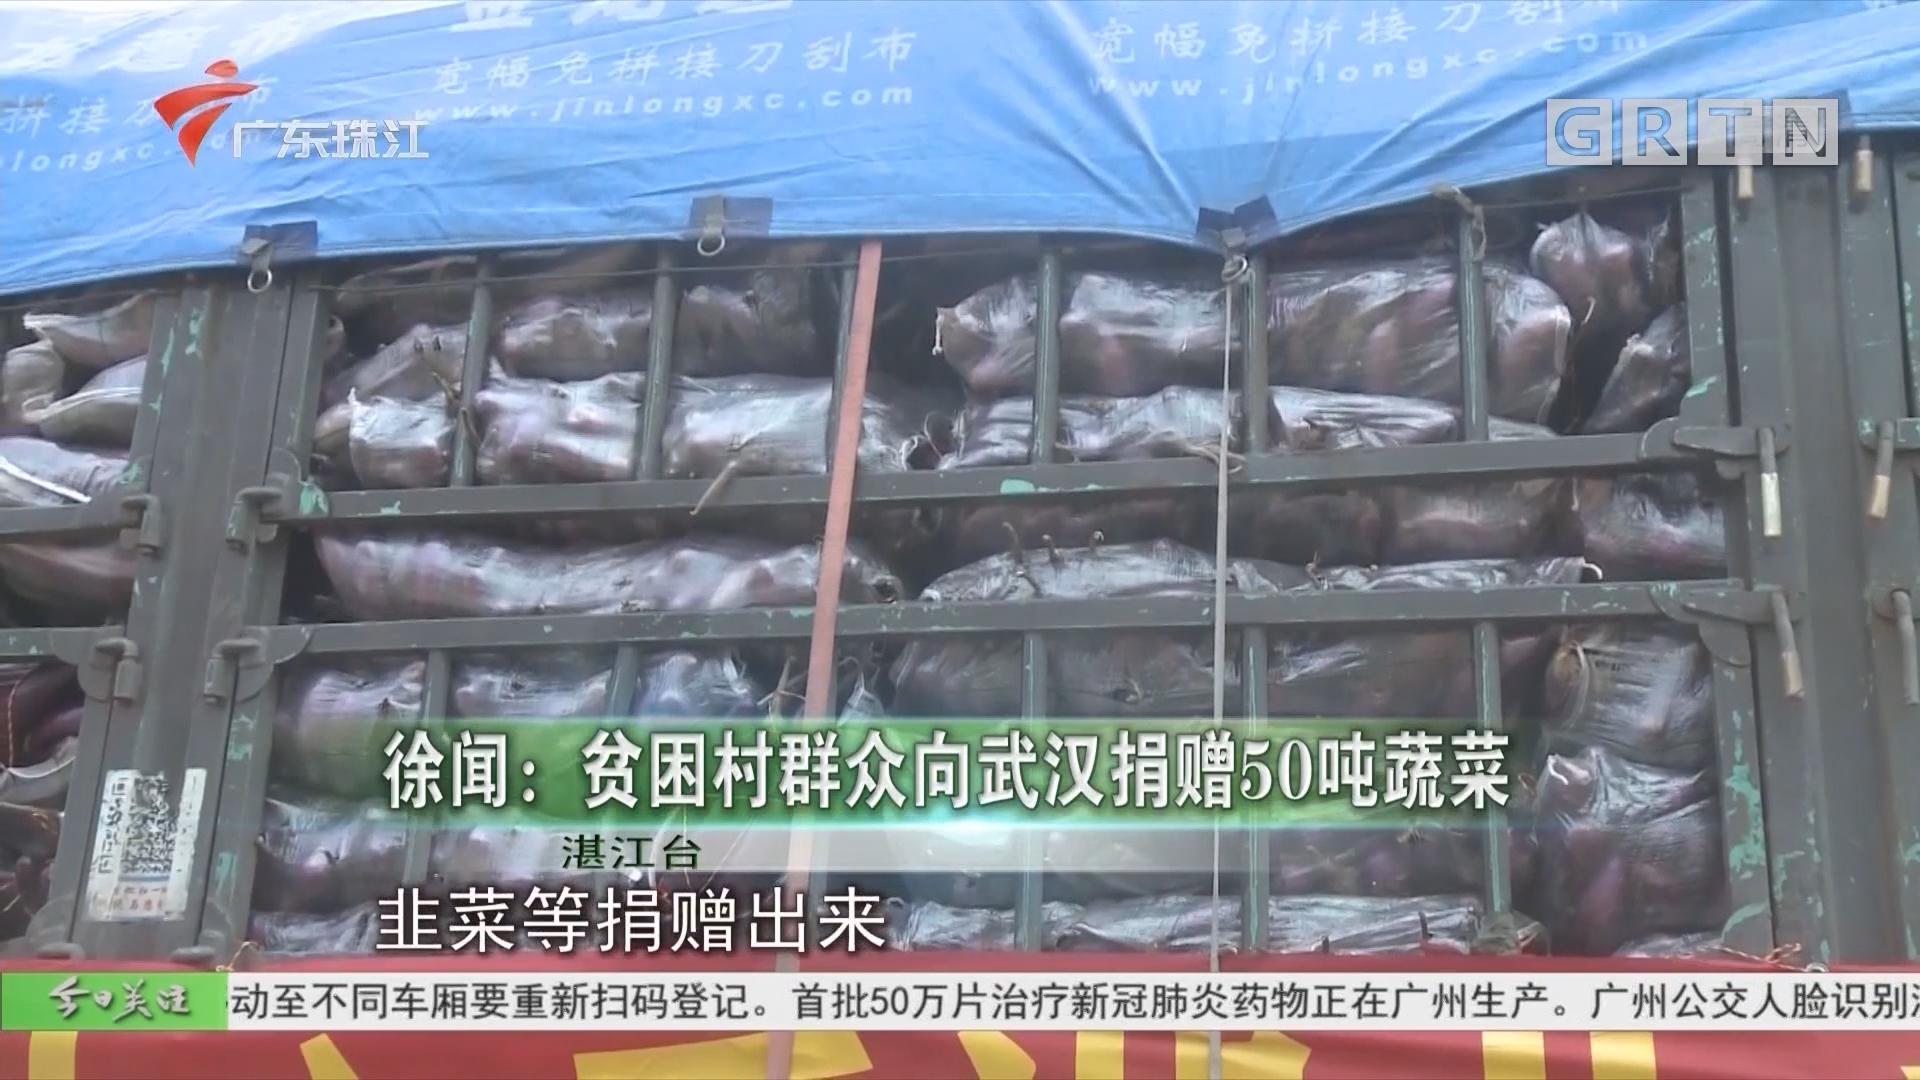 徐闻:贫困村群众向武汉捐赠50吨蔬菜